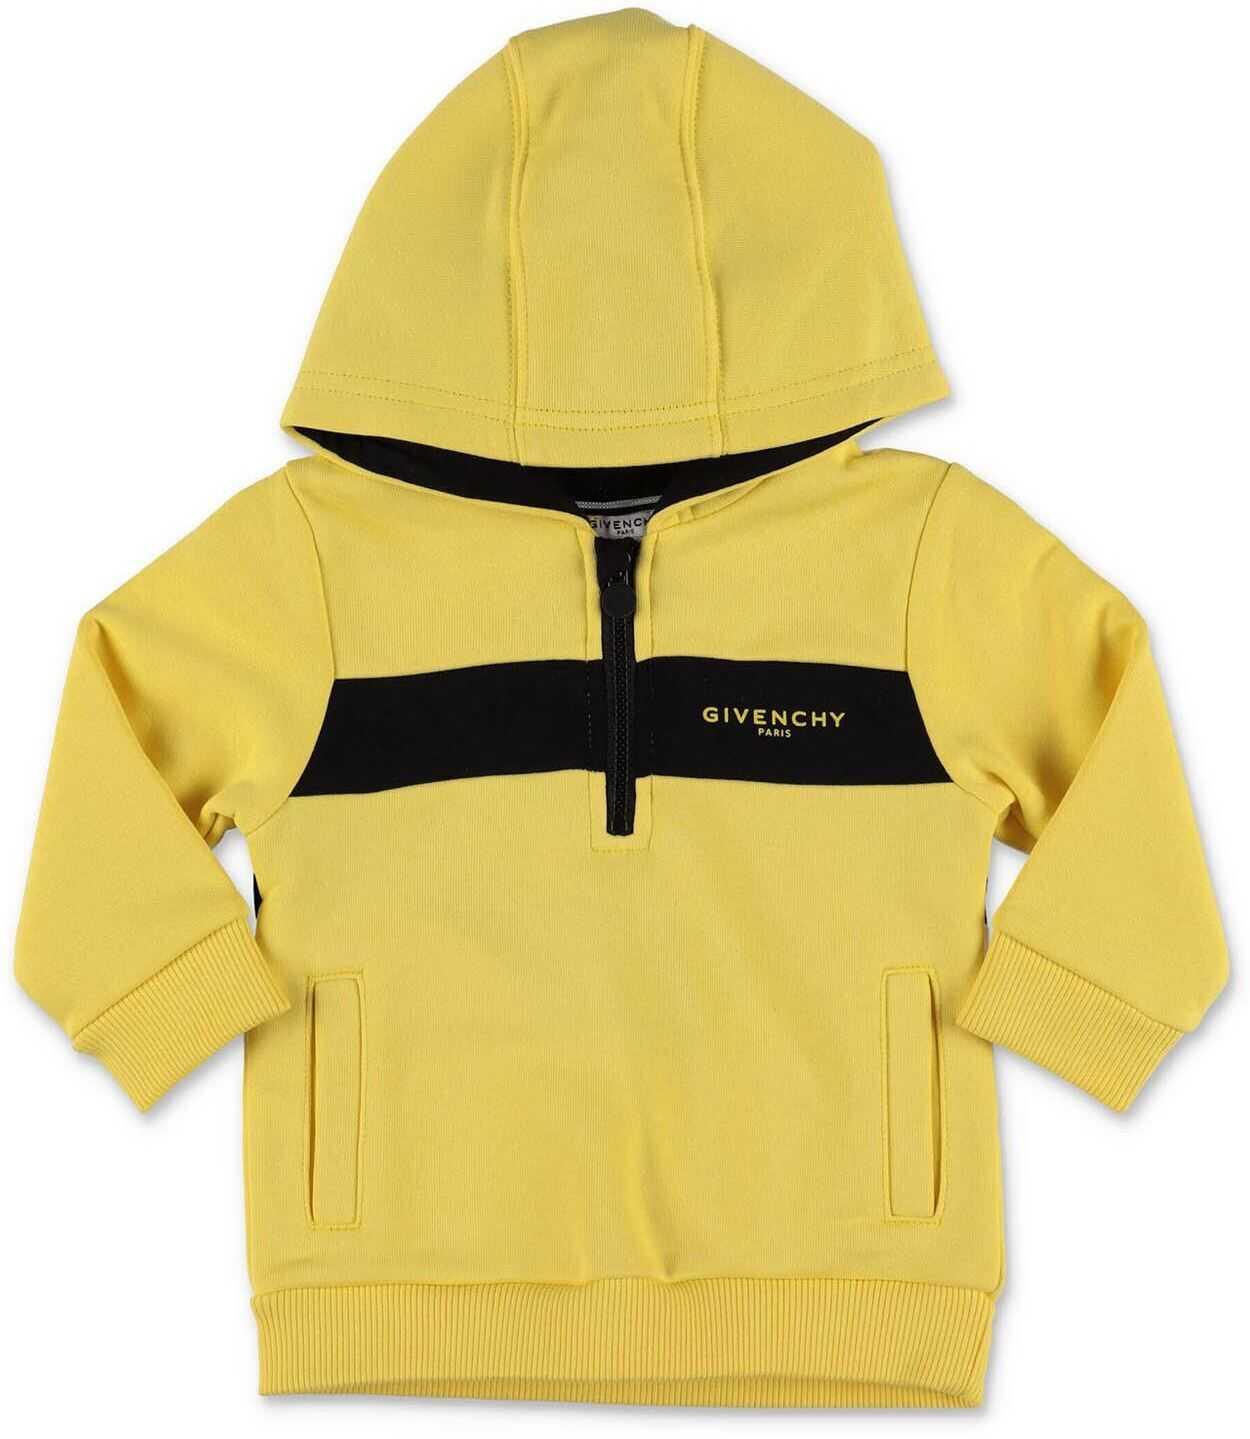 Givenchy Zip And Hood Sweatshirt In Yellow Yellow